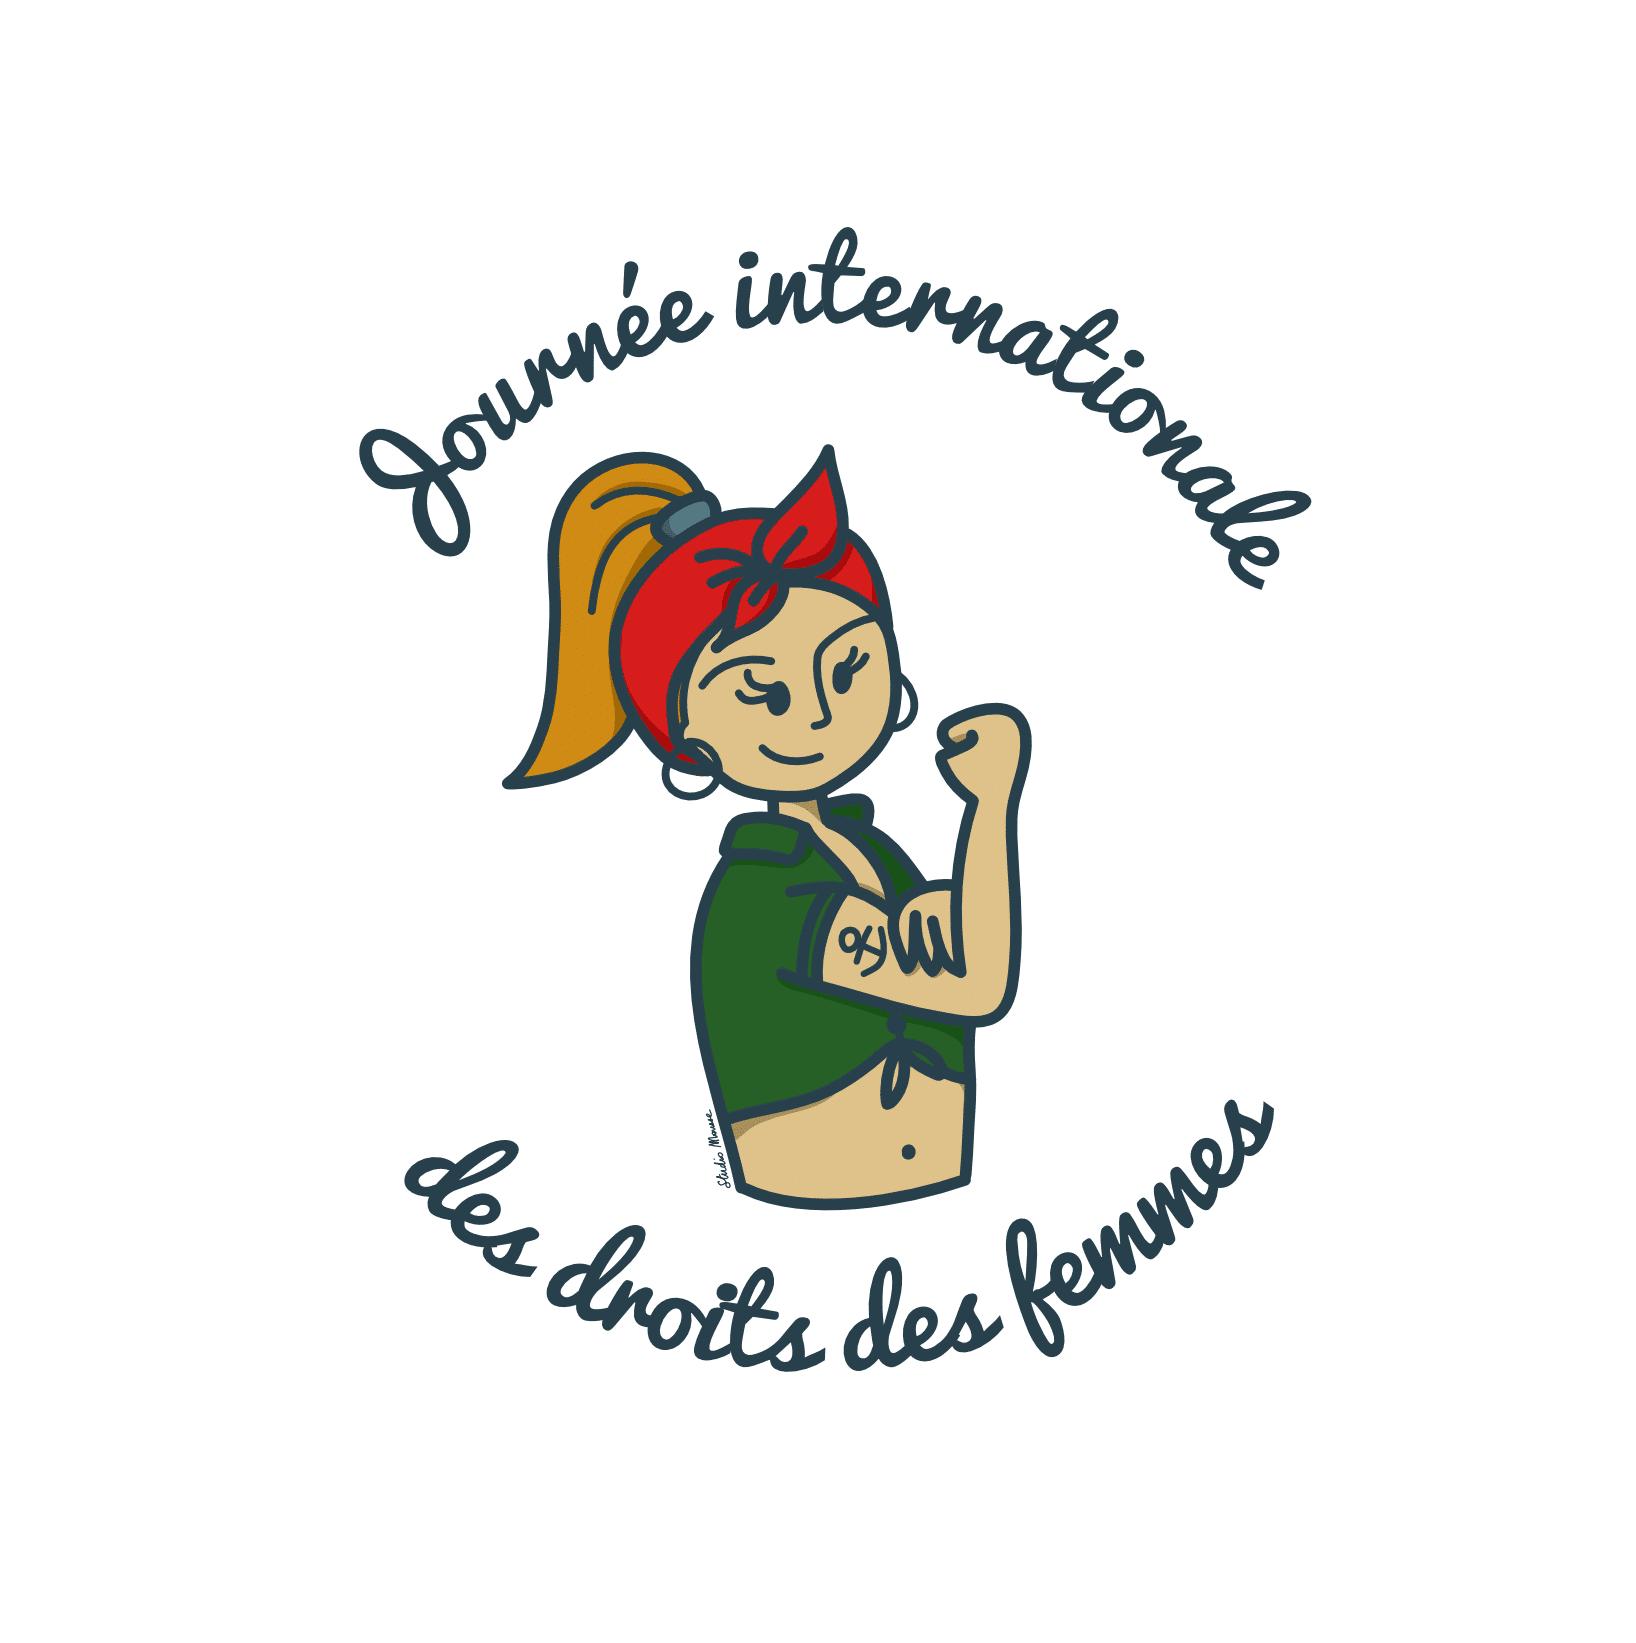 Illustration pour la journée internationale des droits des femmes